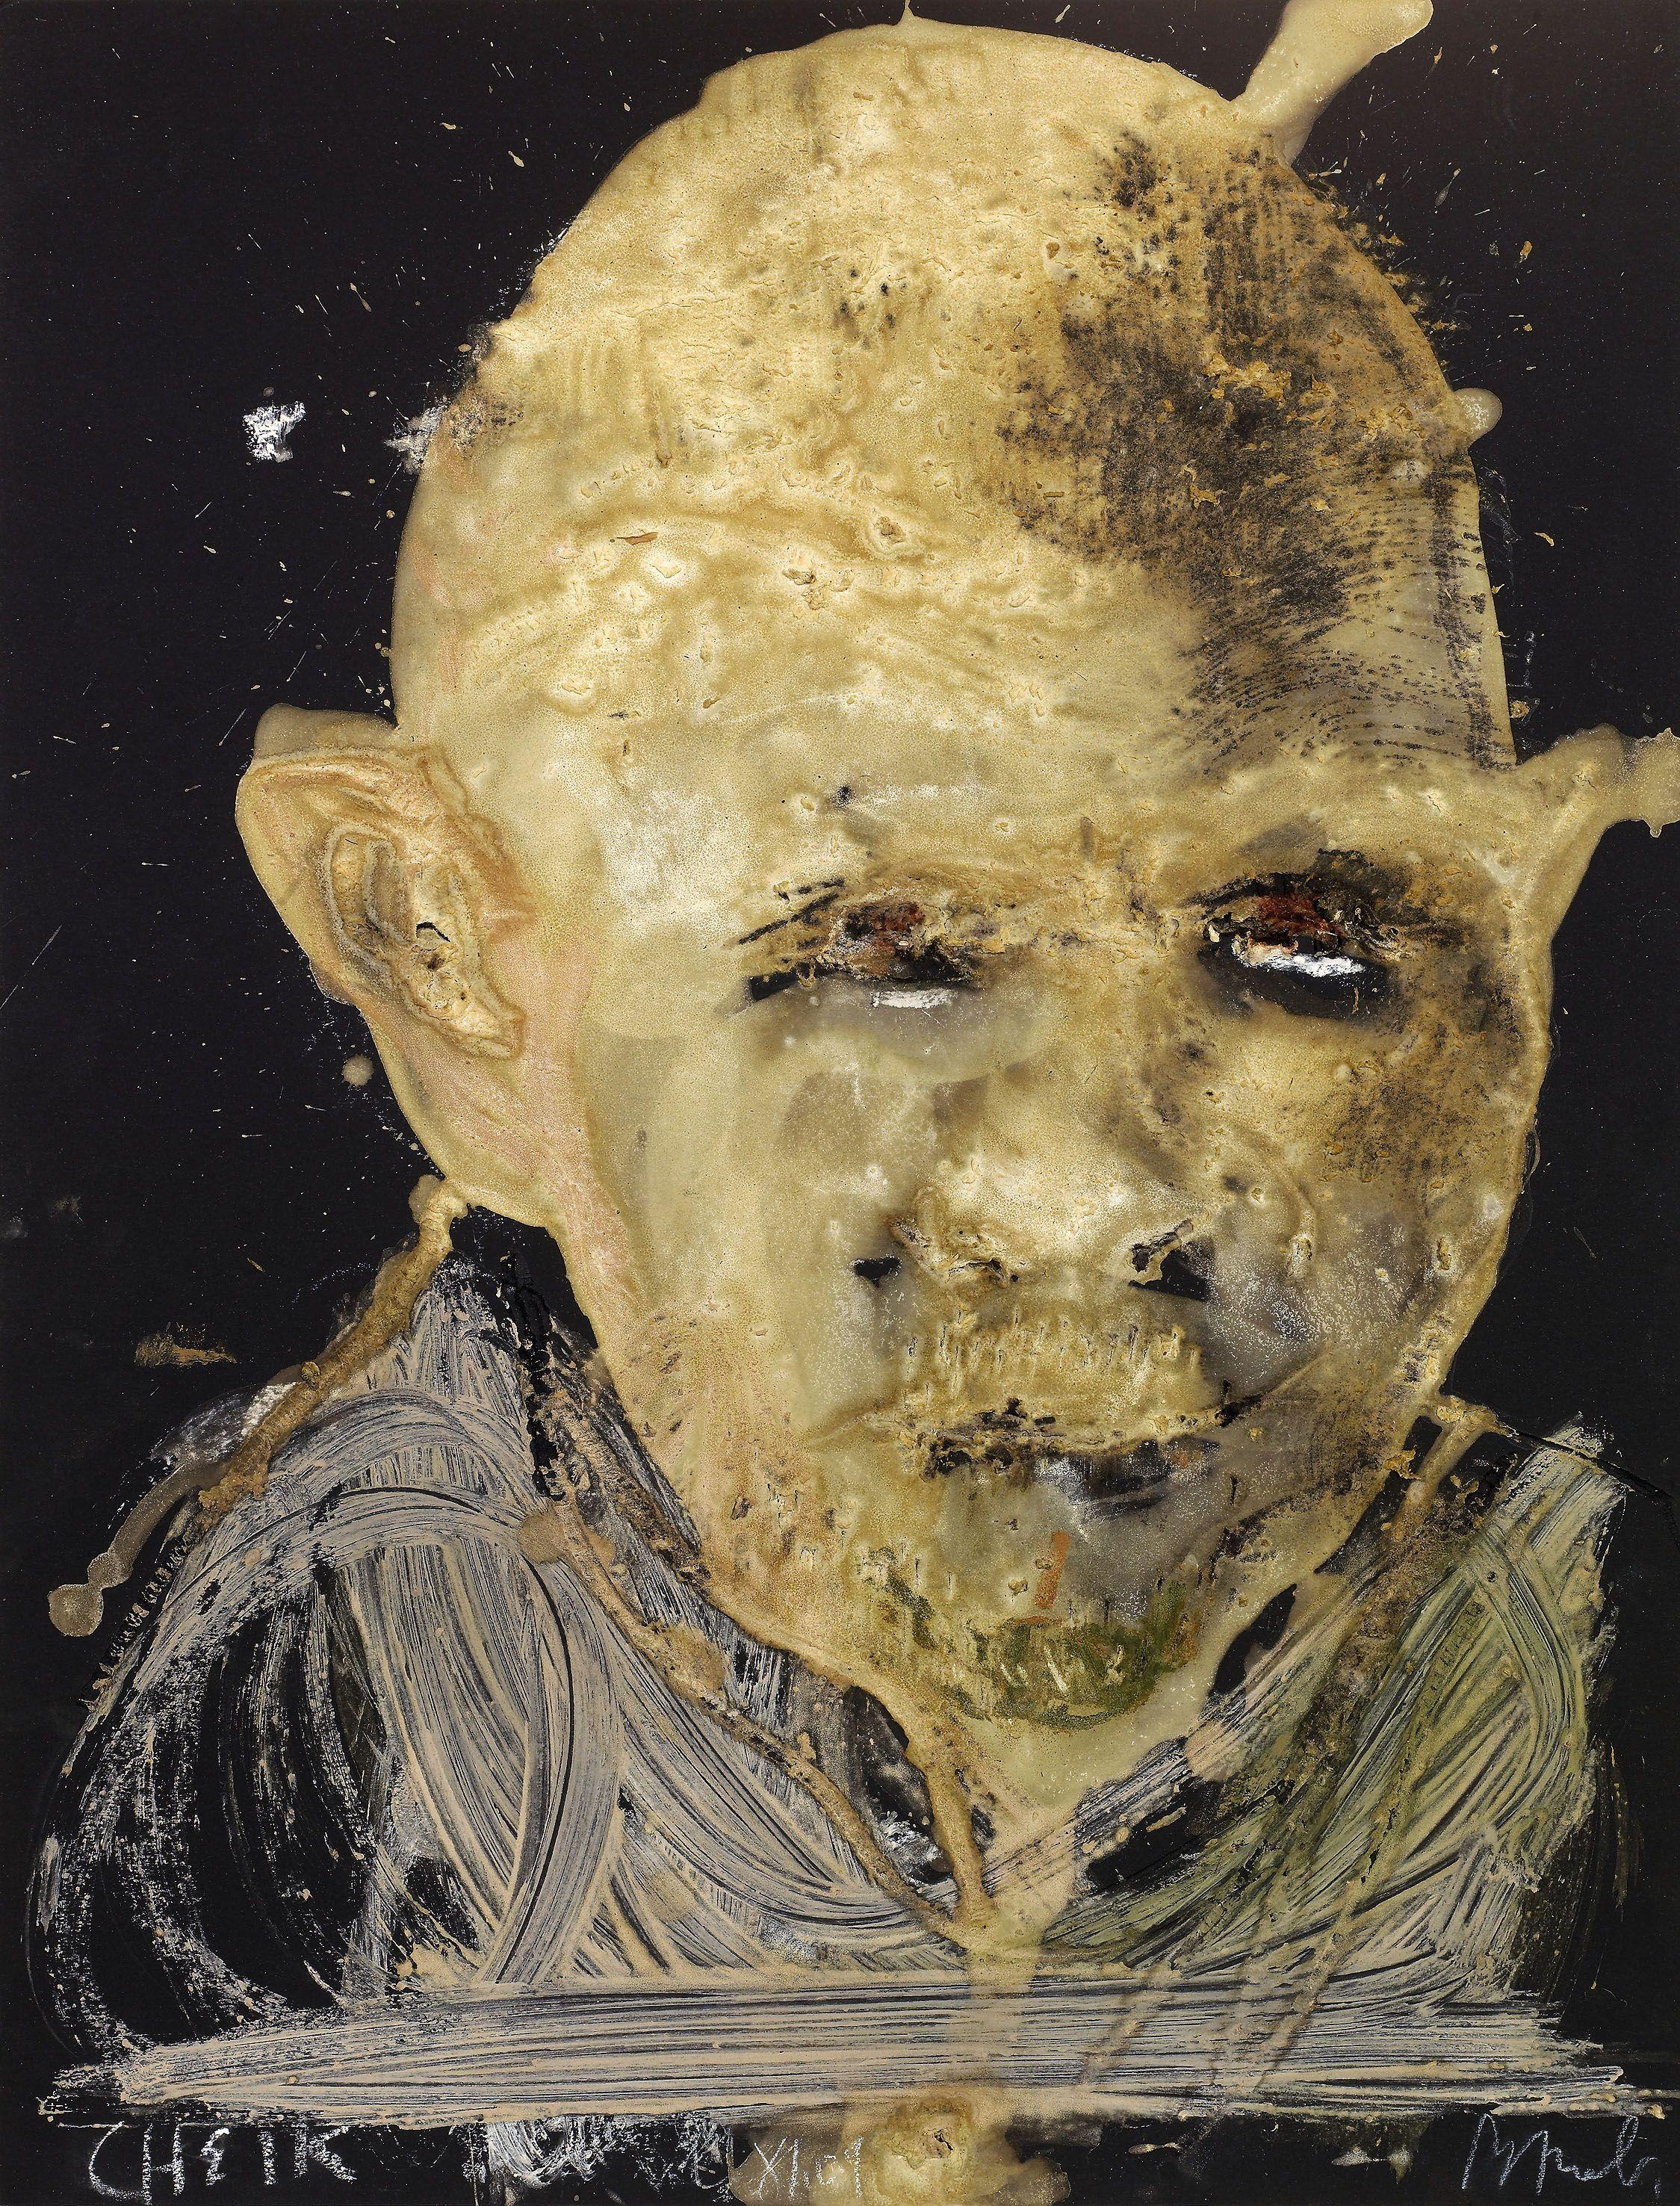 Robe Tableau Autoportrait Miquel Barcelo